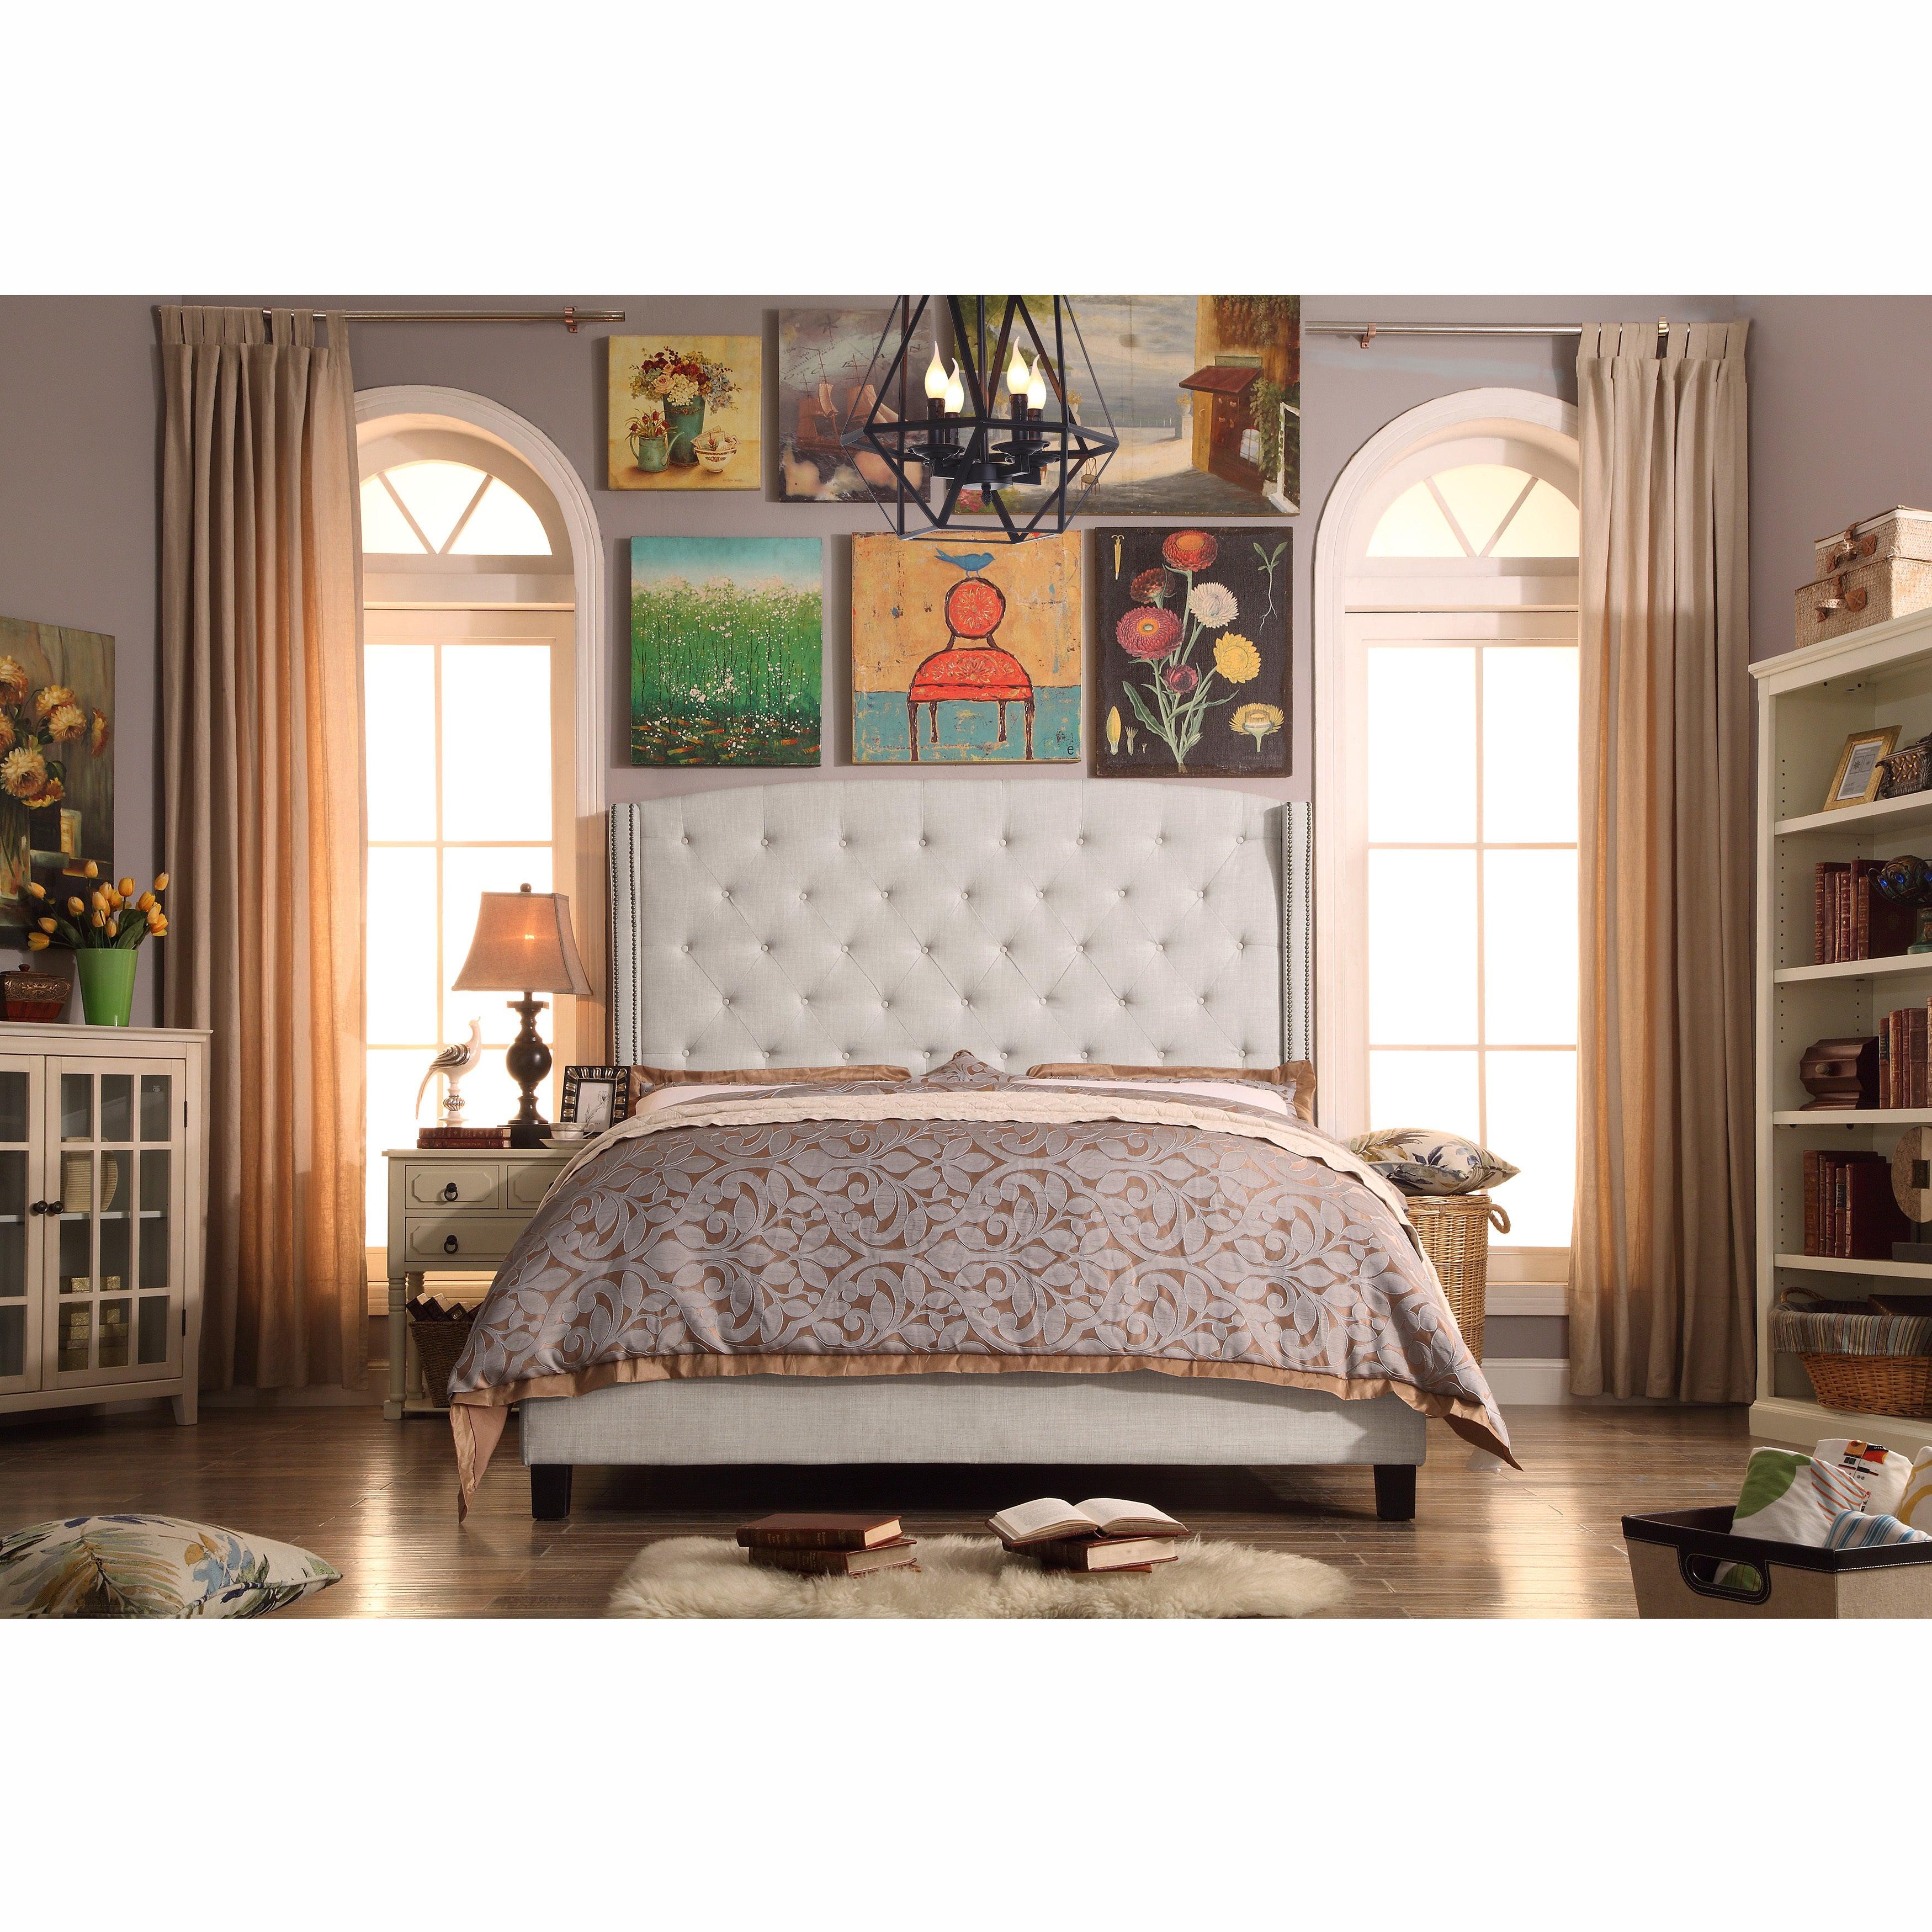 Shop Black Friday Deals On Moser Bay King Tufted Wingback Upholstered Bed Set Overstock 11542609 Beige